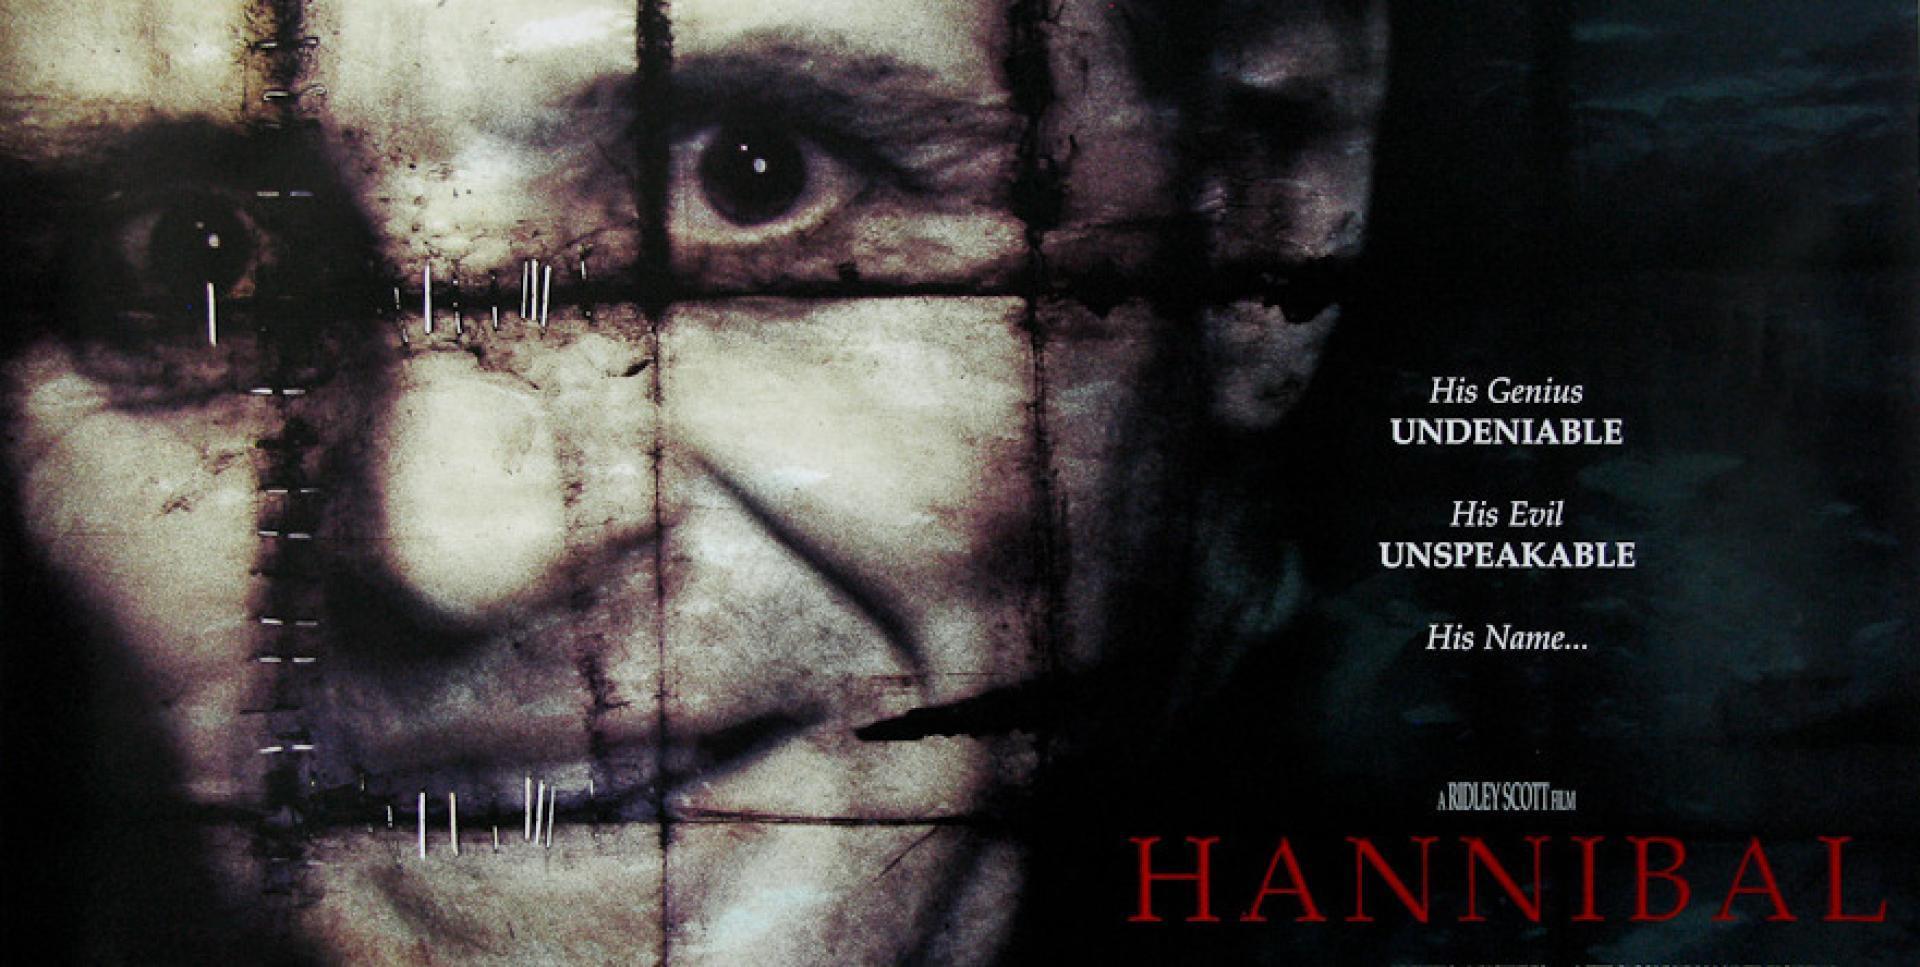 20 érdekesség a Hannibal című filmről